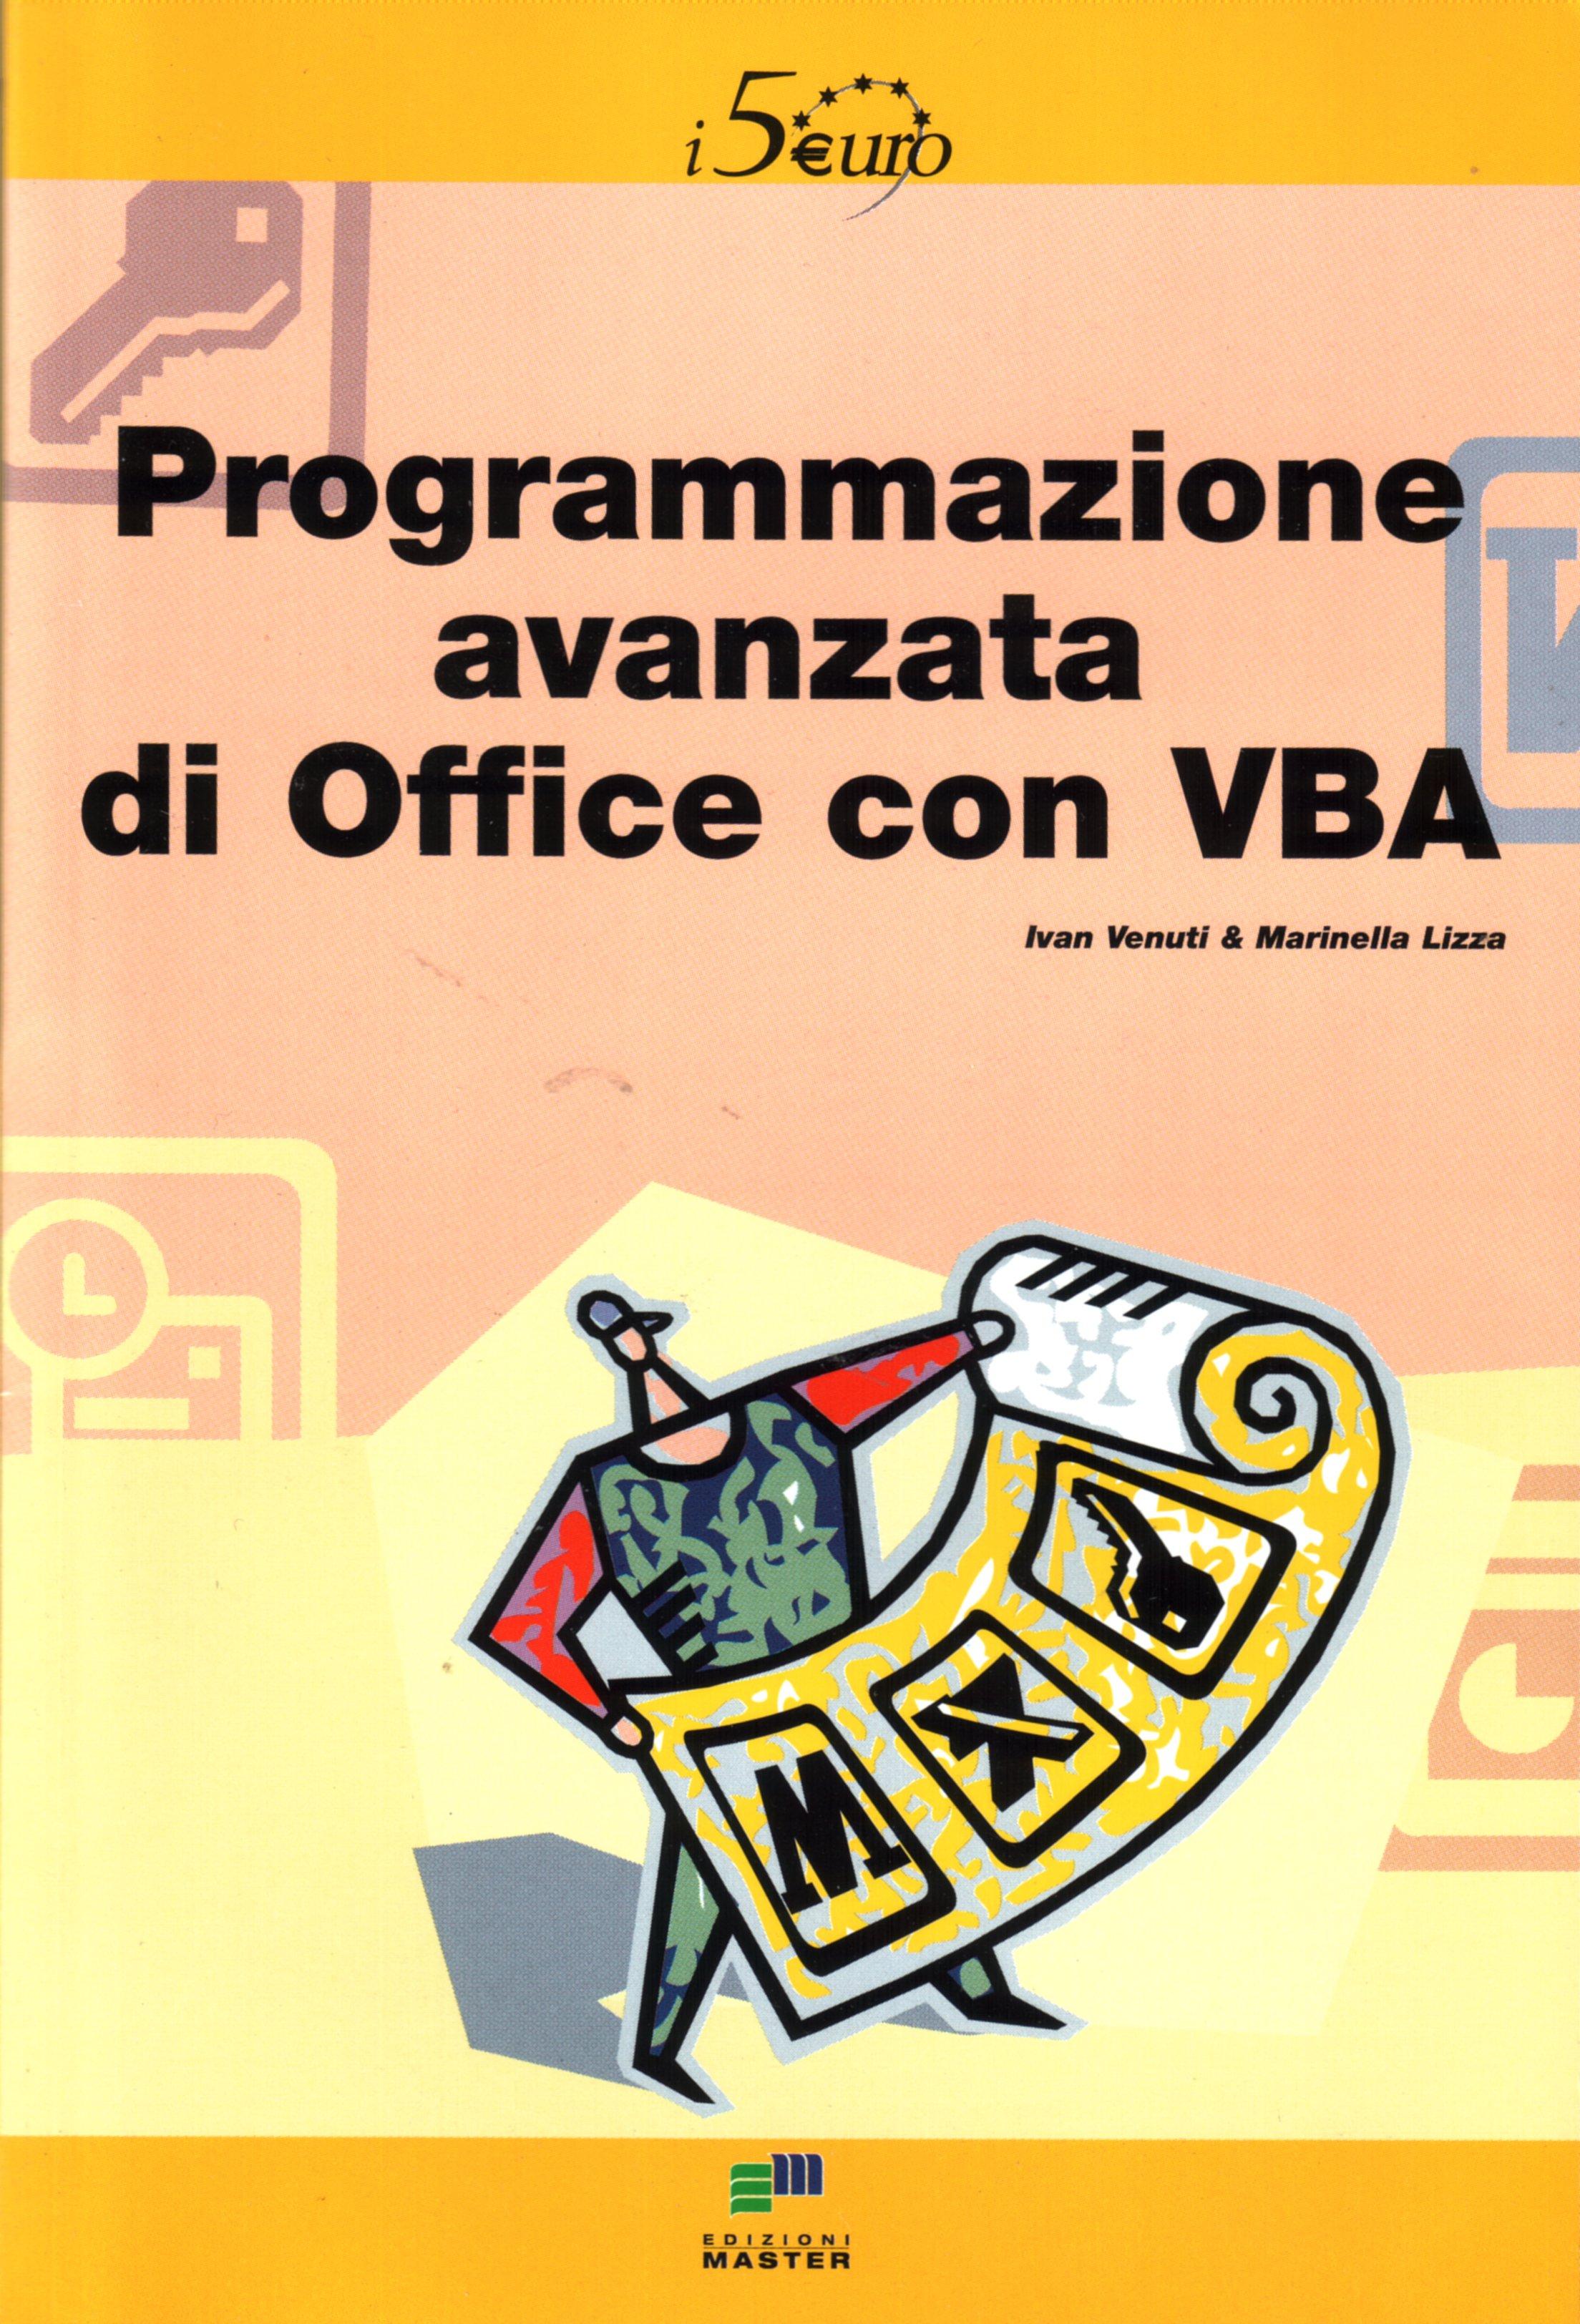 Programmazione avanzata di Office con VBA